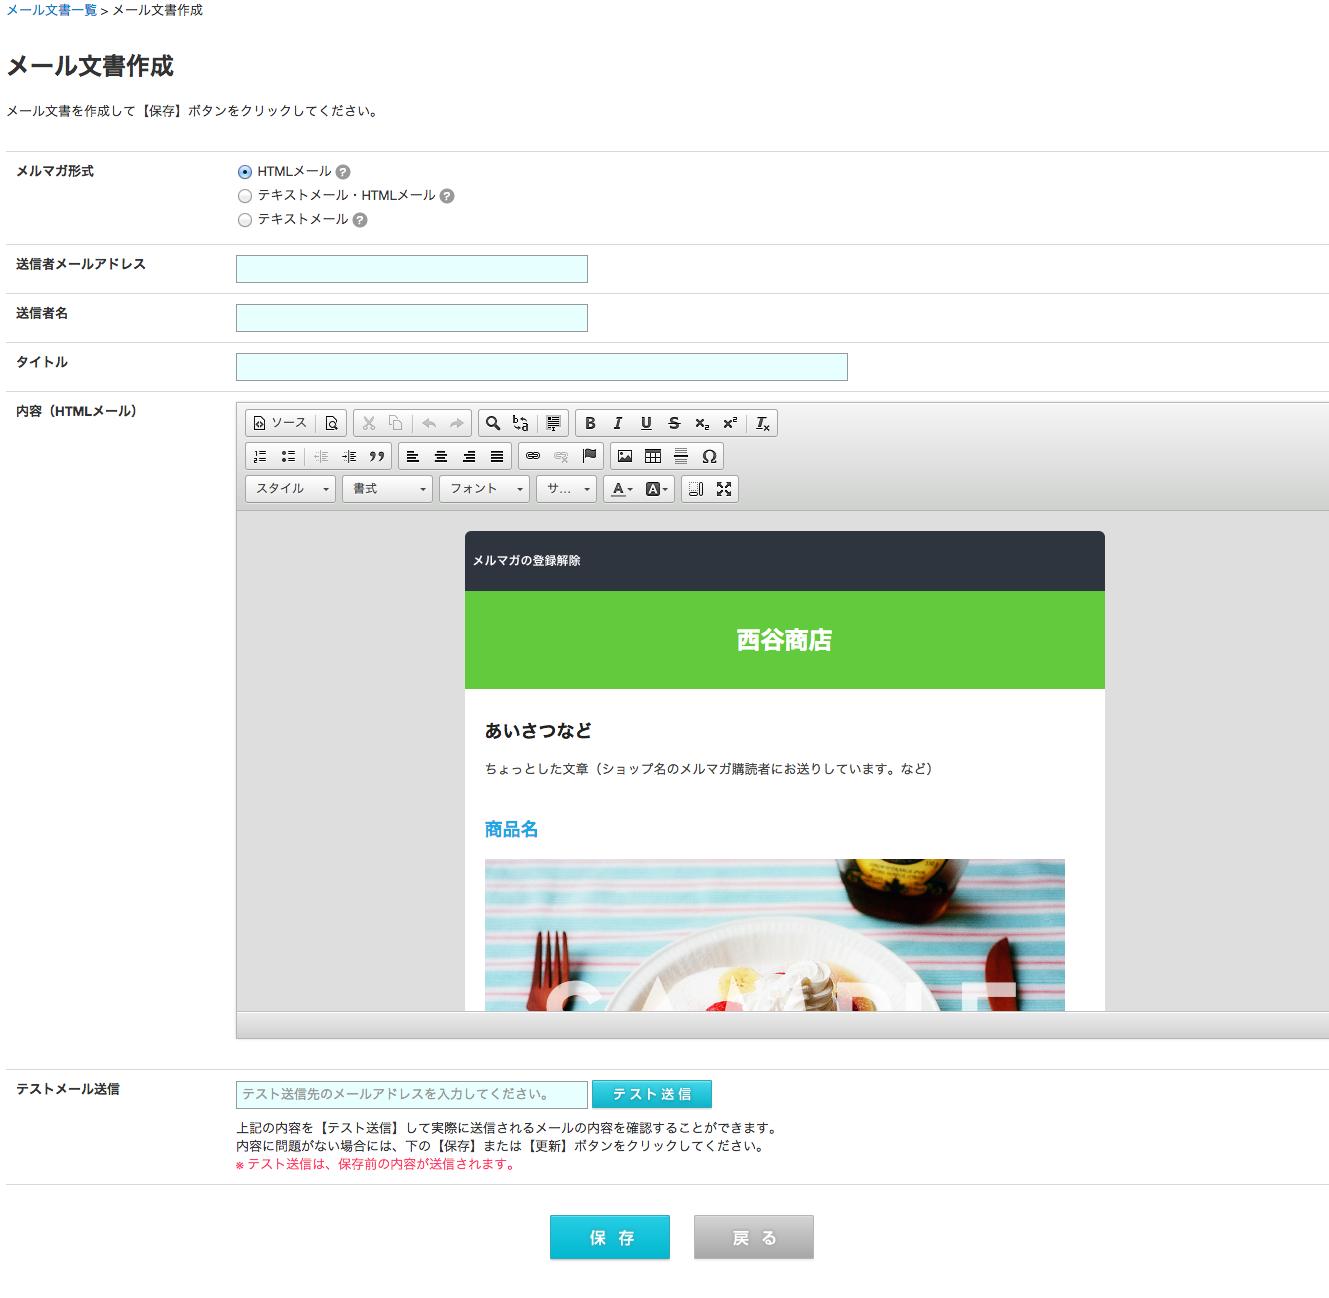 メルマガプラス HTMLメルマガ作成機能に新しいデザインテンプレートを追加しました   ECお役